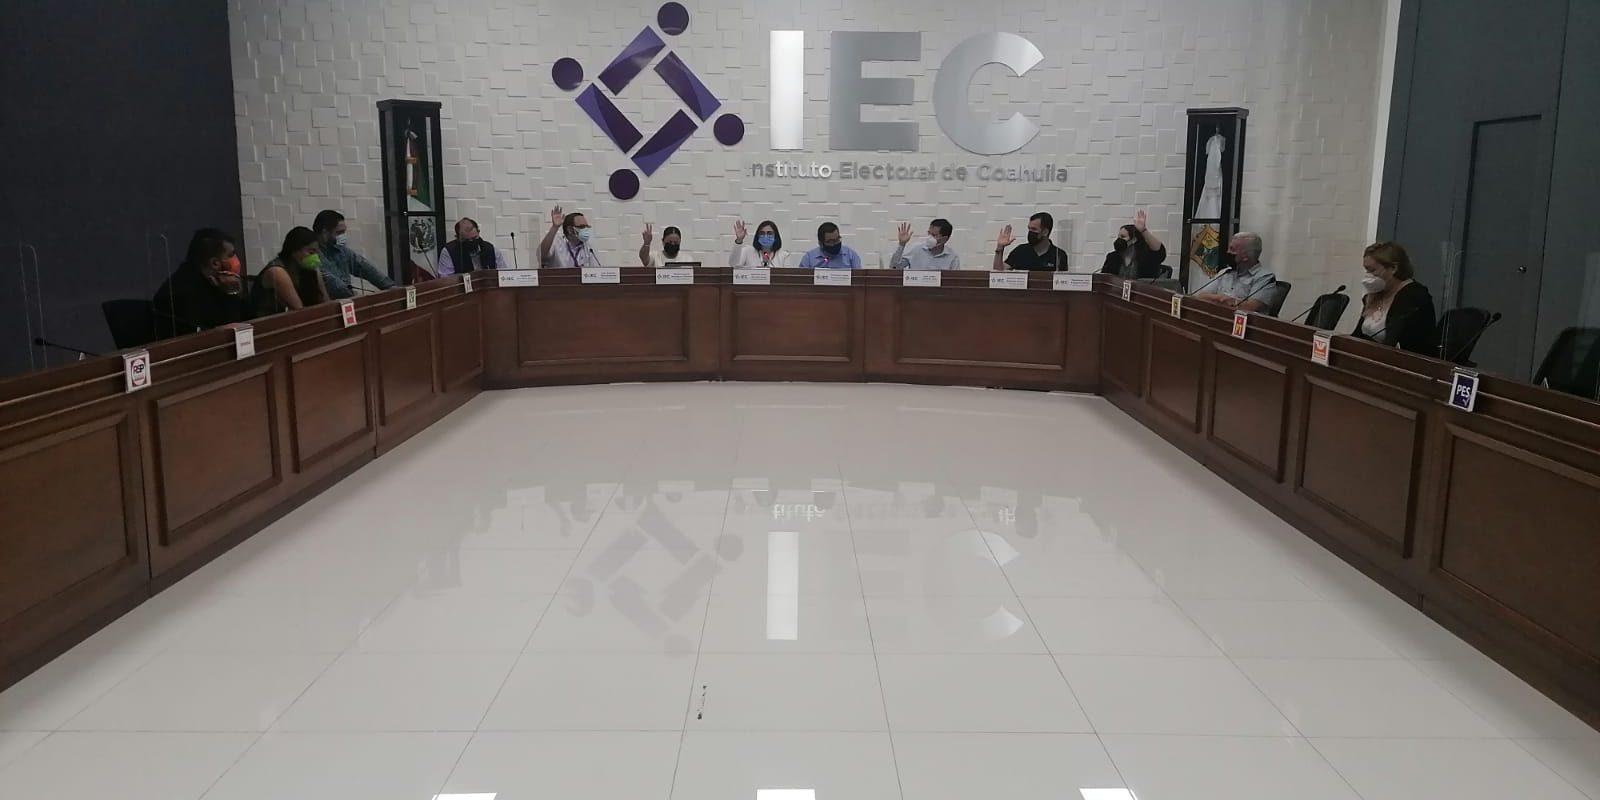 Consejo General del Instituto Electoral de Coahuila aprobó acuerdo